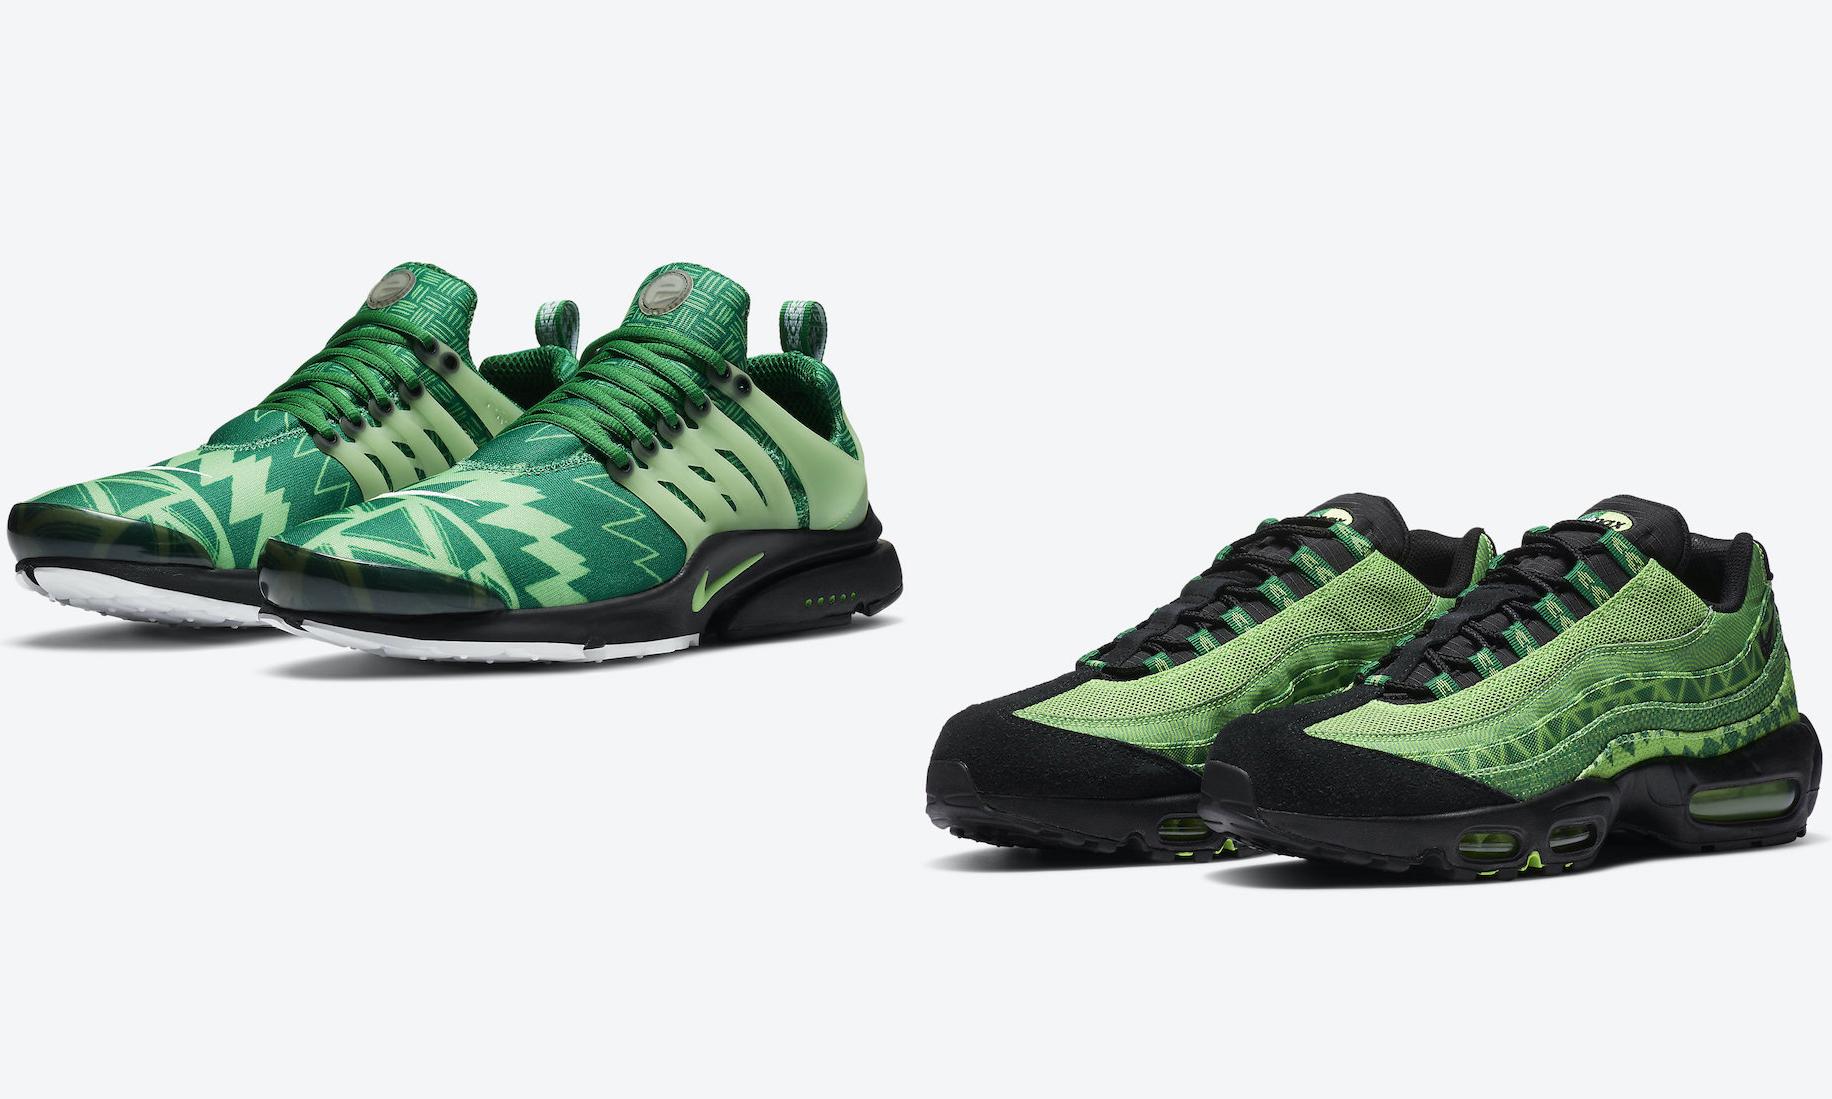 尼日利亚元素重回,Nike「Naija」别注系列预览